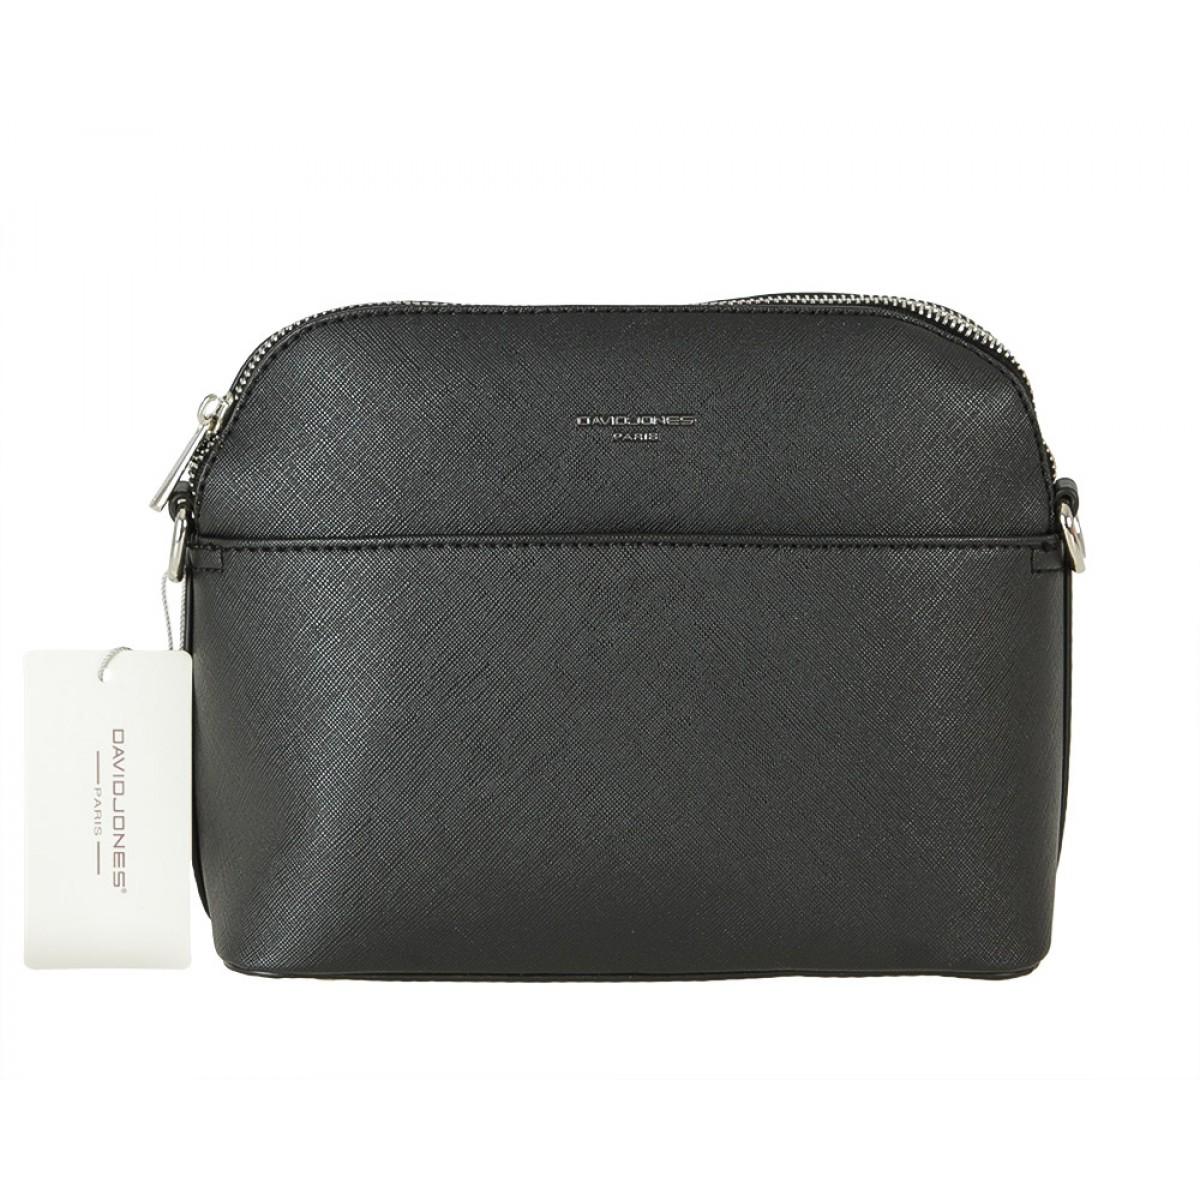 Жіноча сумка David Jones 6224-1 BLACK